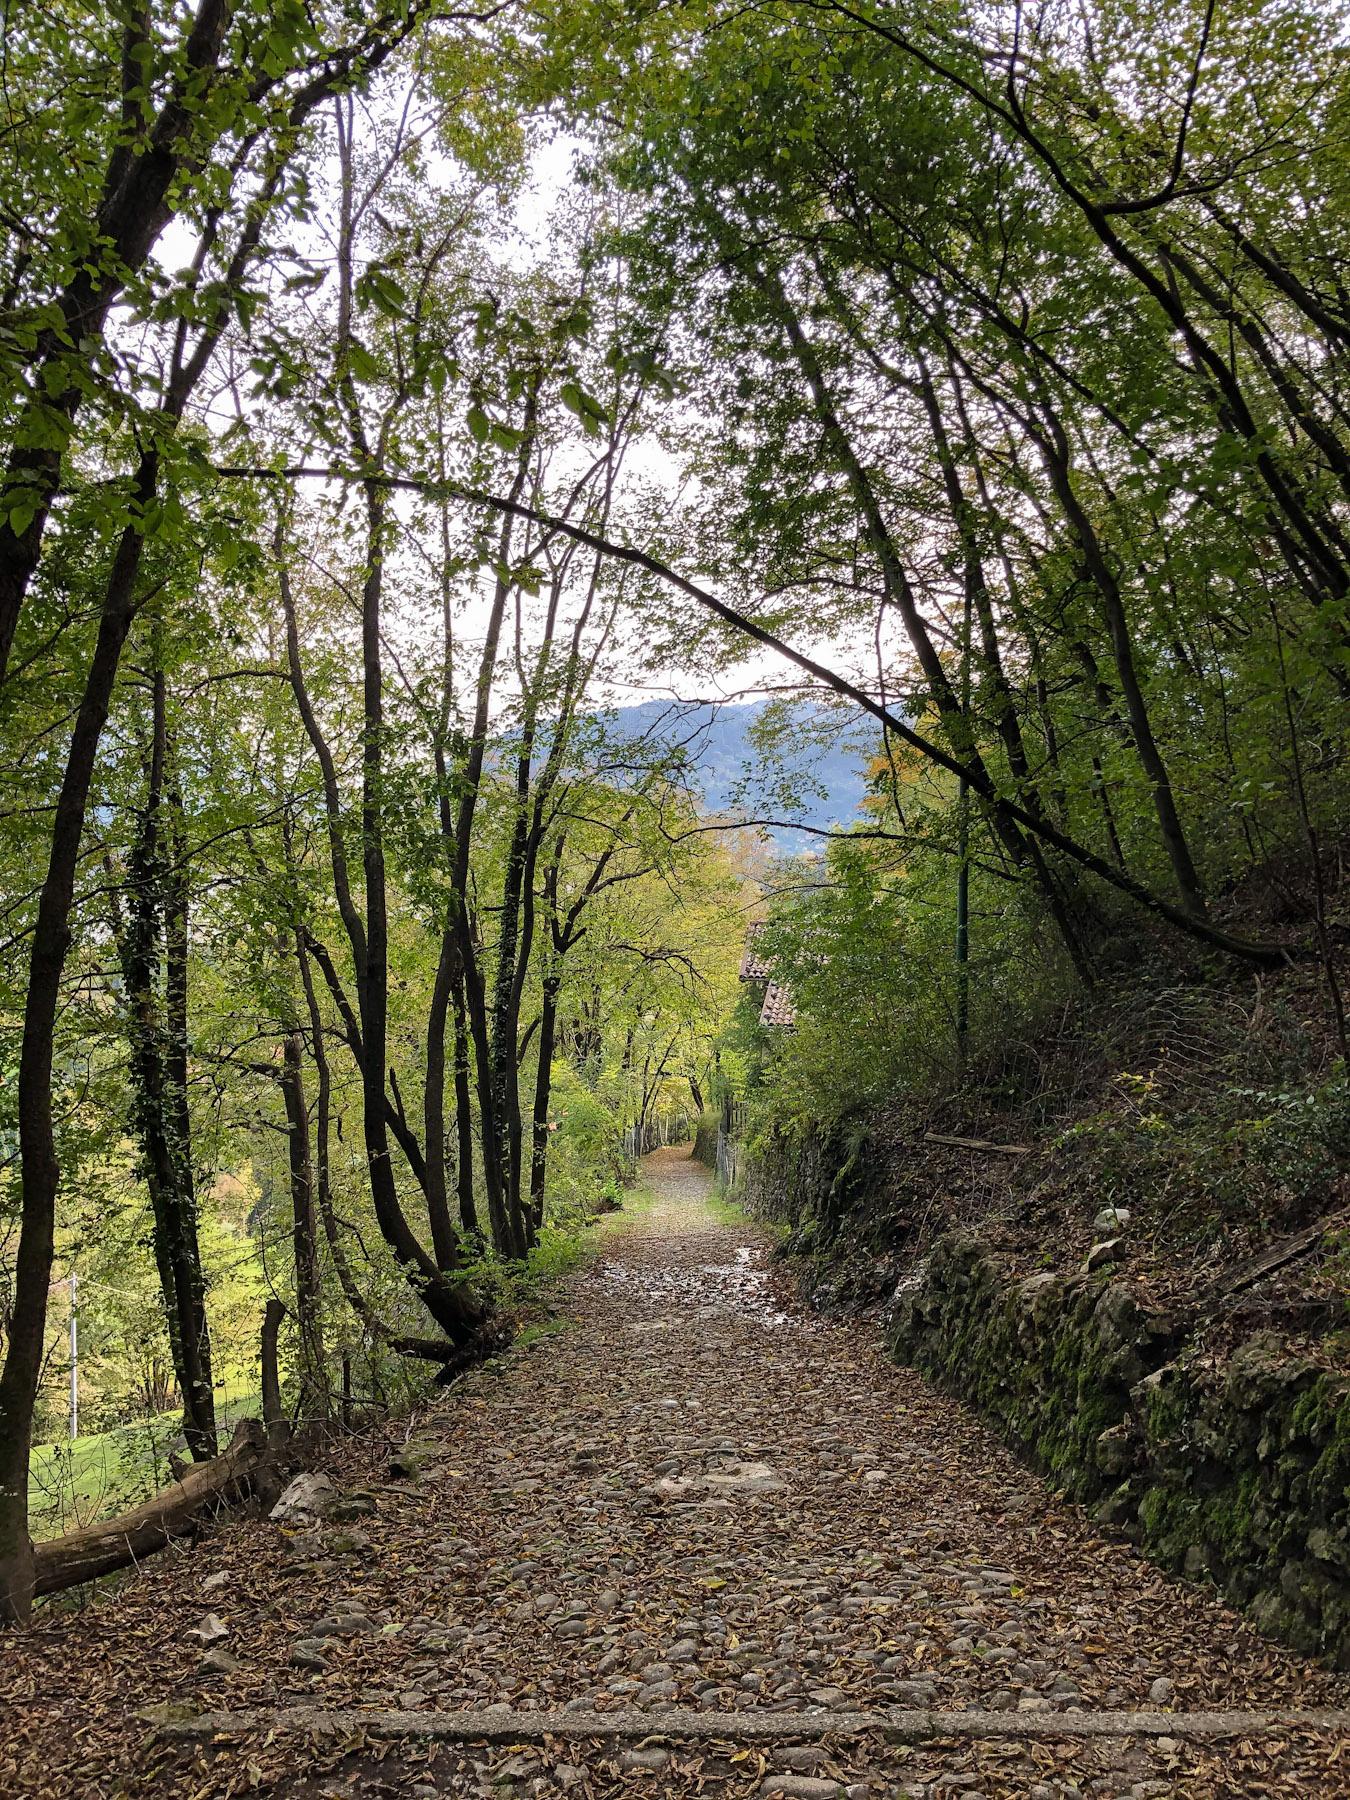 Chiesa di San Martino Trail, Griante, Italy